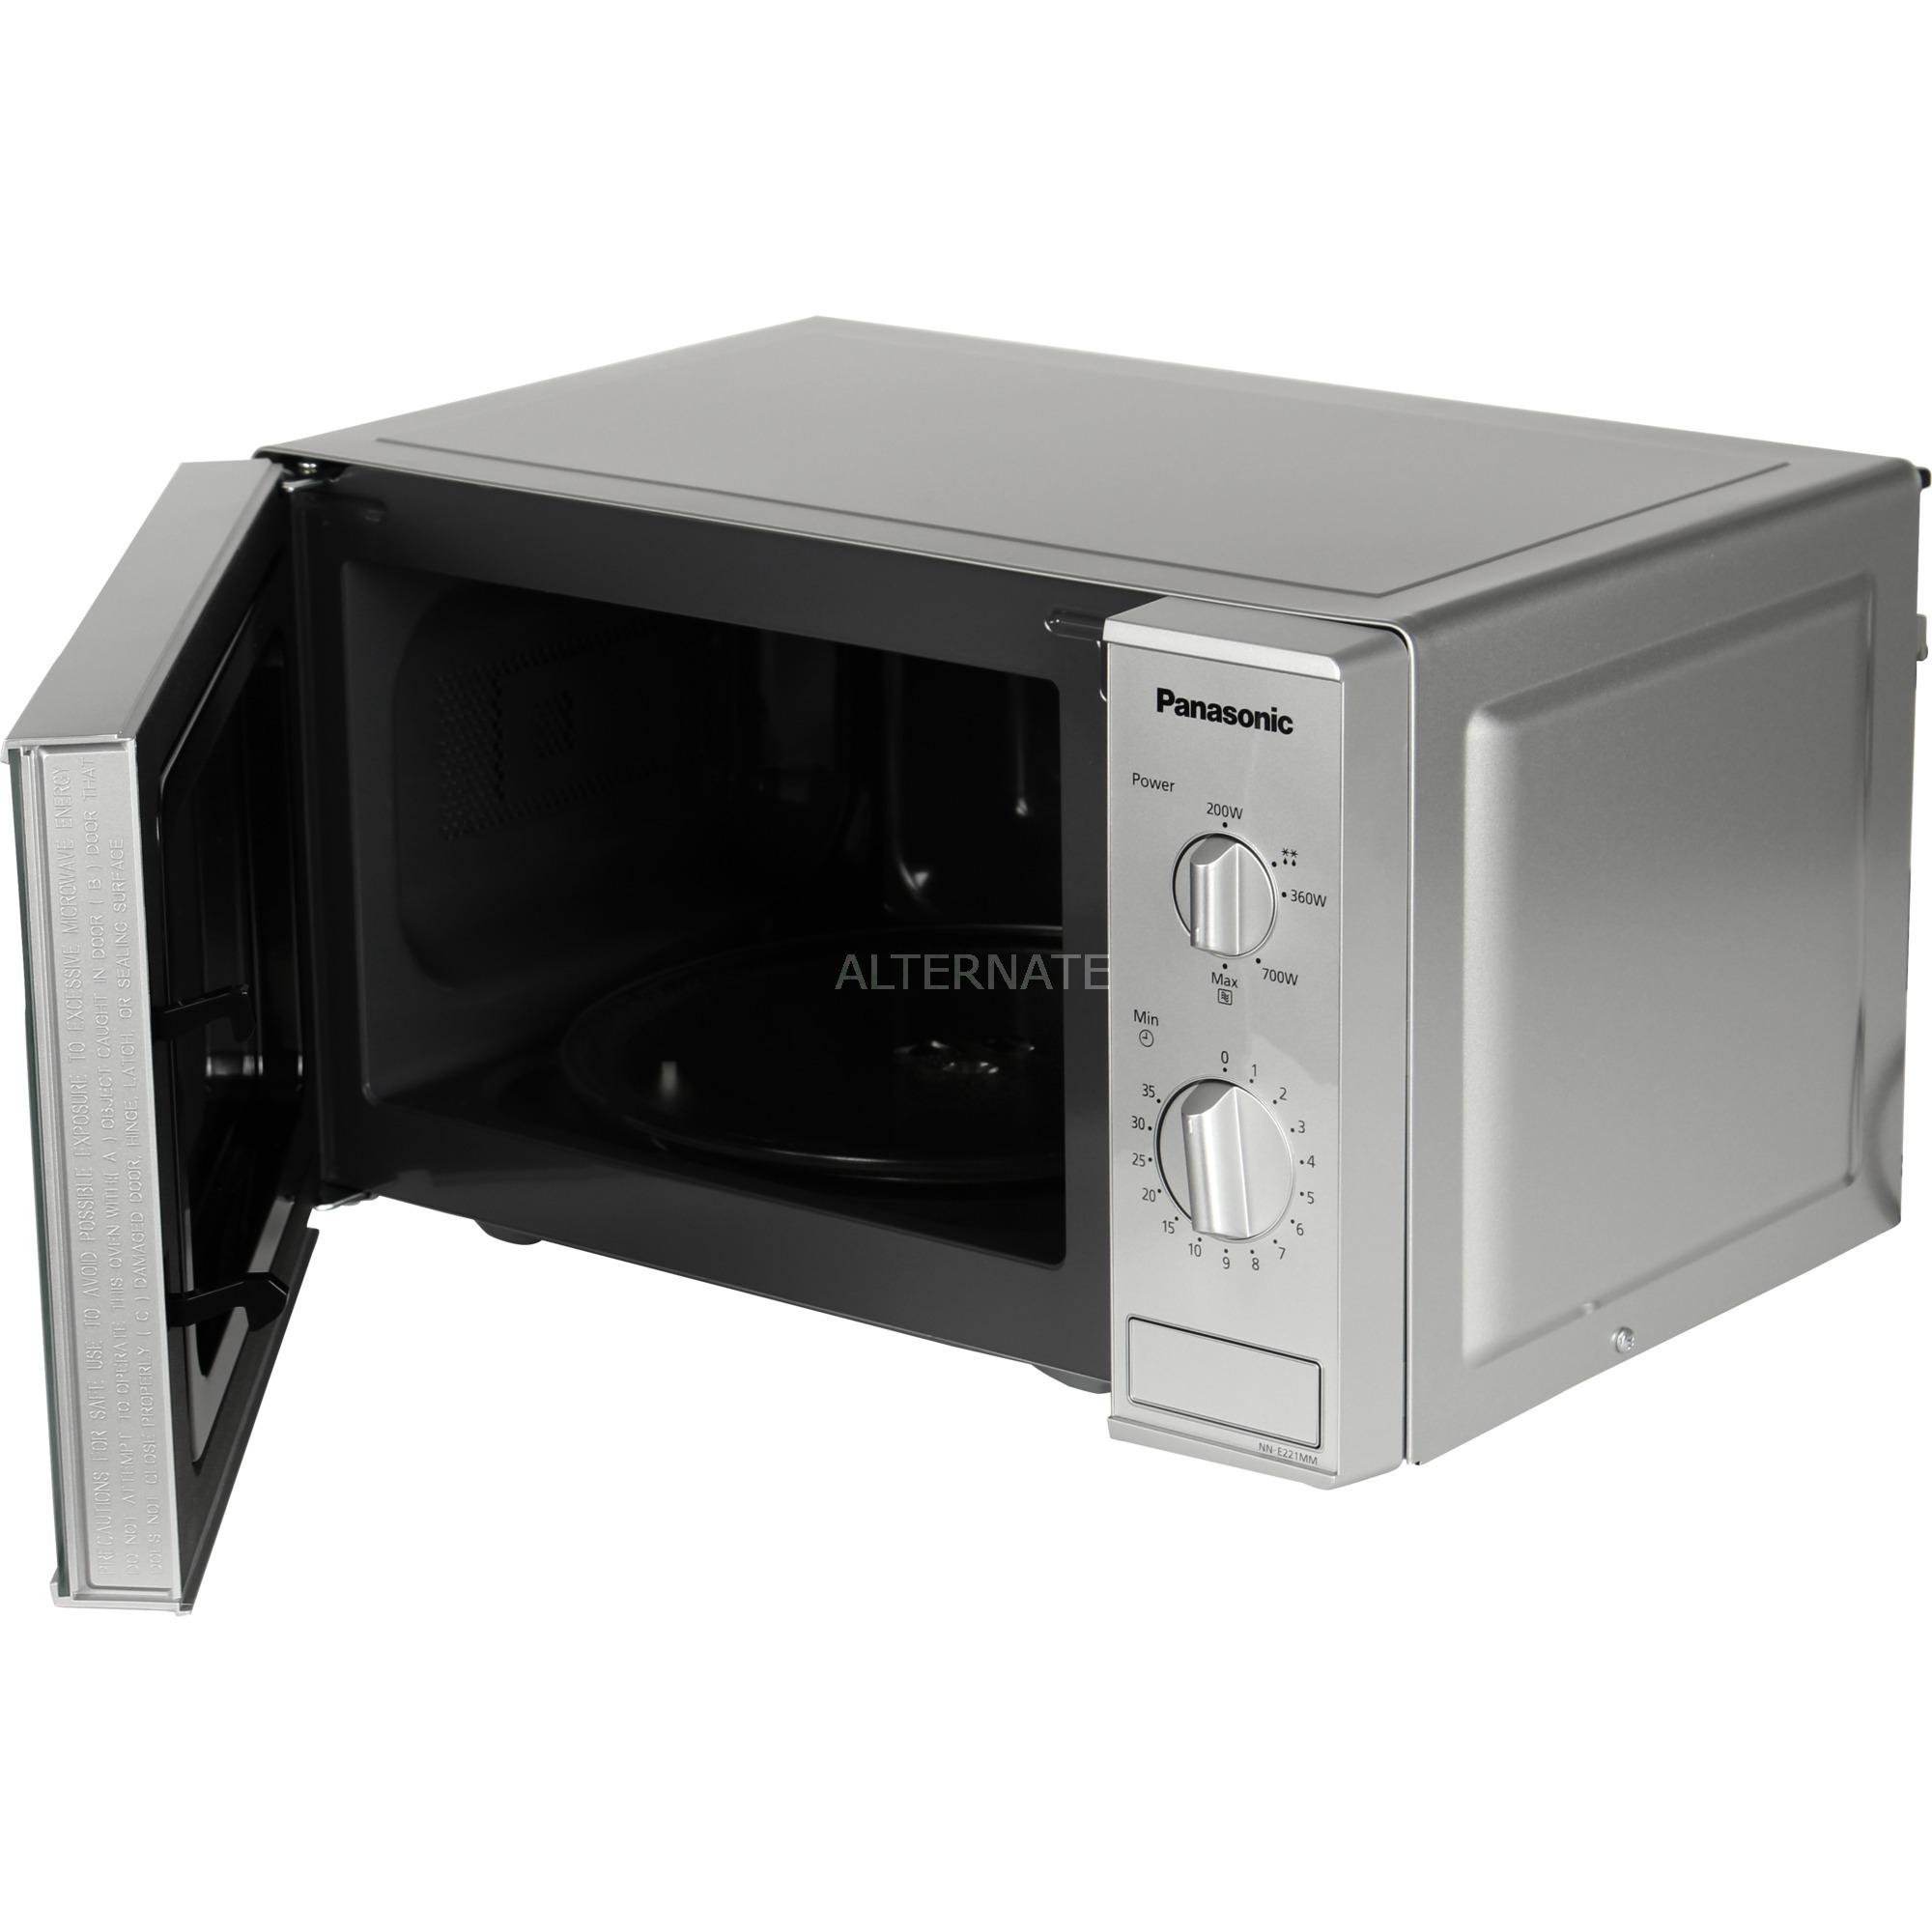 NN-E221M Comptoir Micro-ondes uniquement 20L 800W Gris micro-onde, Four à micro-ondes